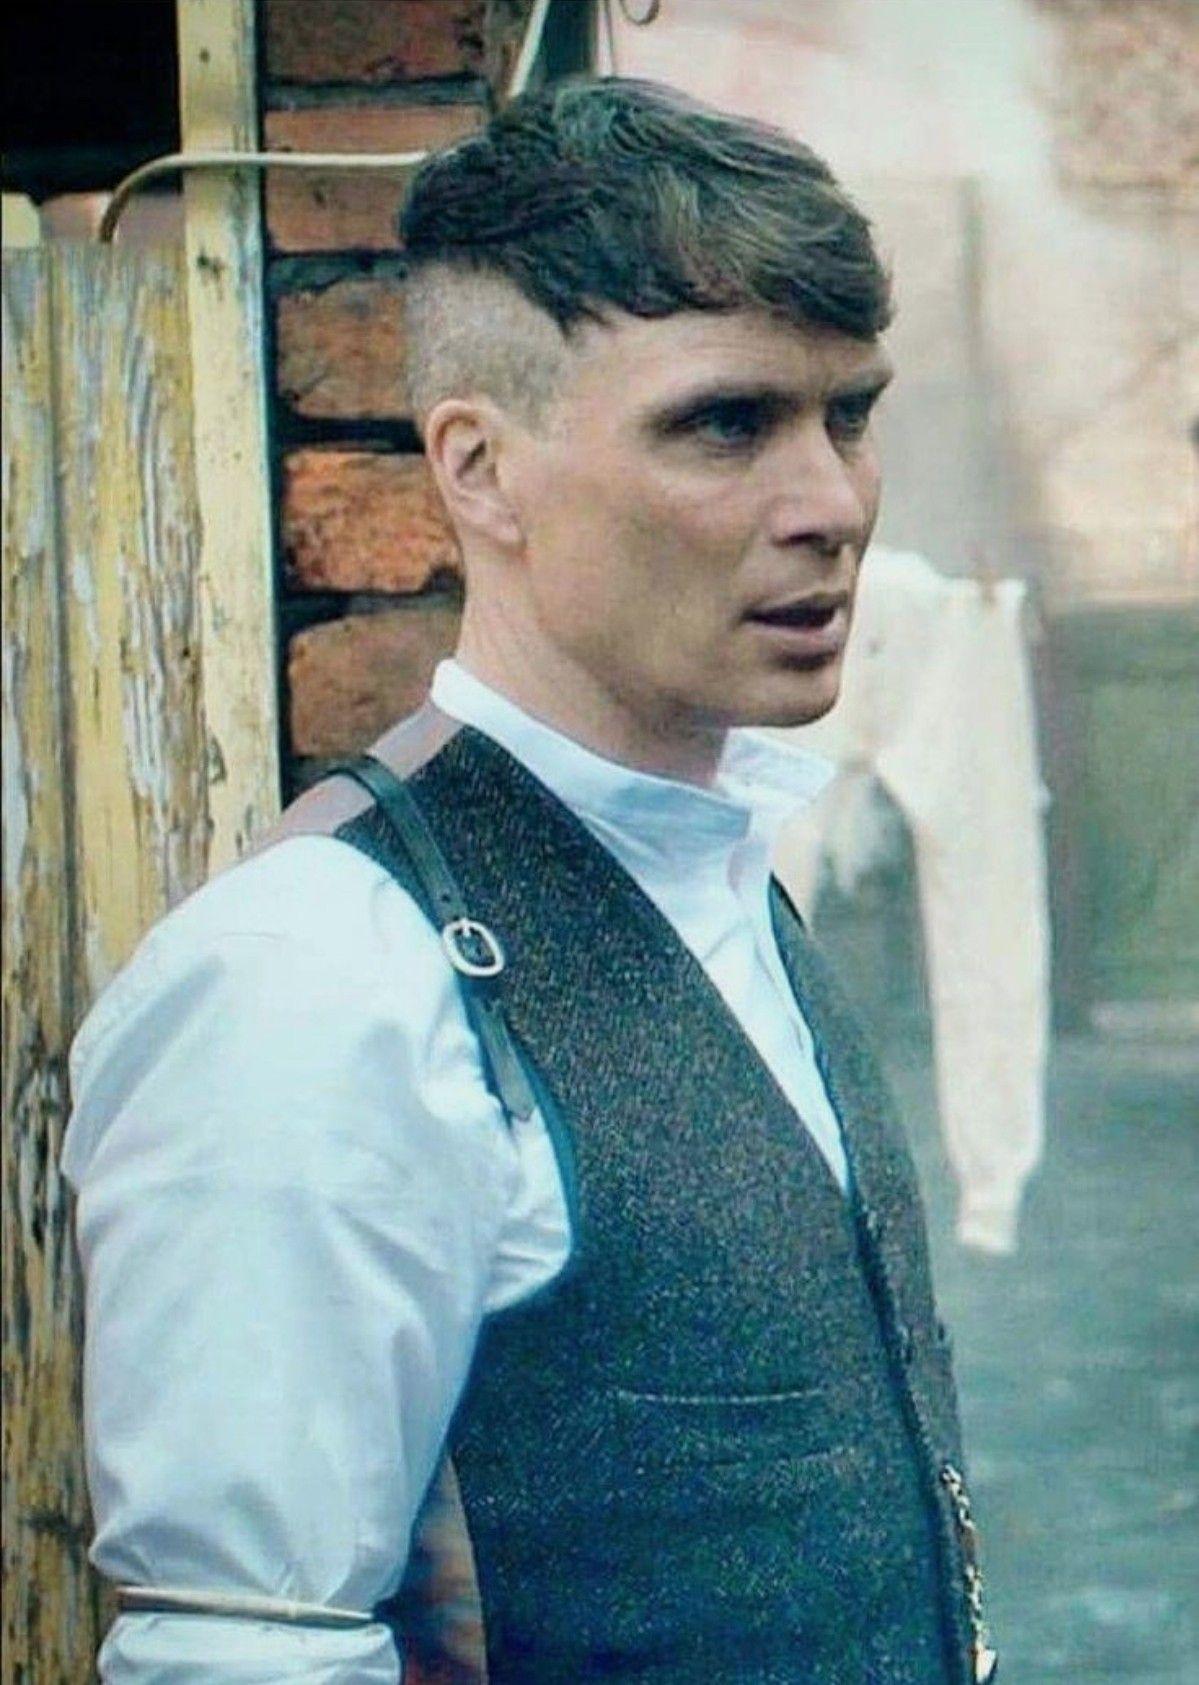 Cillian Murphy As Thomas Shelby Peaky Blinders Peaky Blinders Hair Peaky Blinders Costume Peaky Blinders